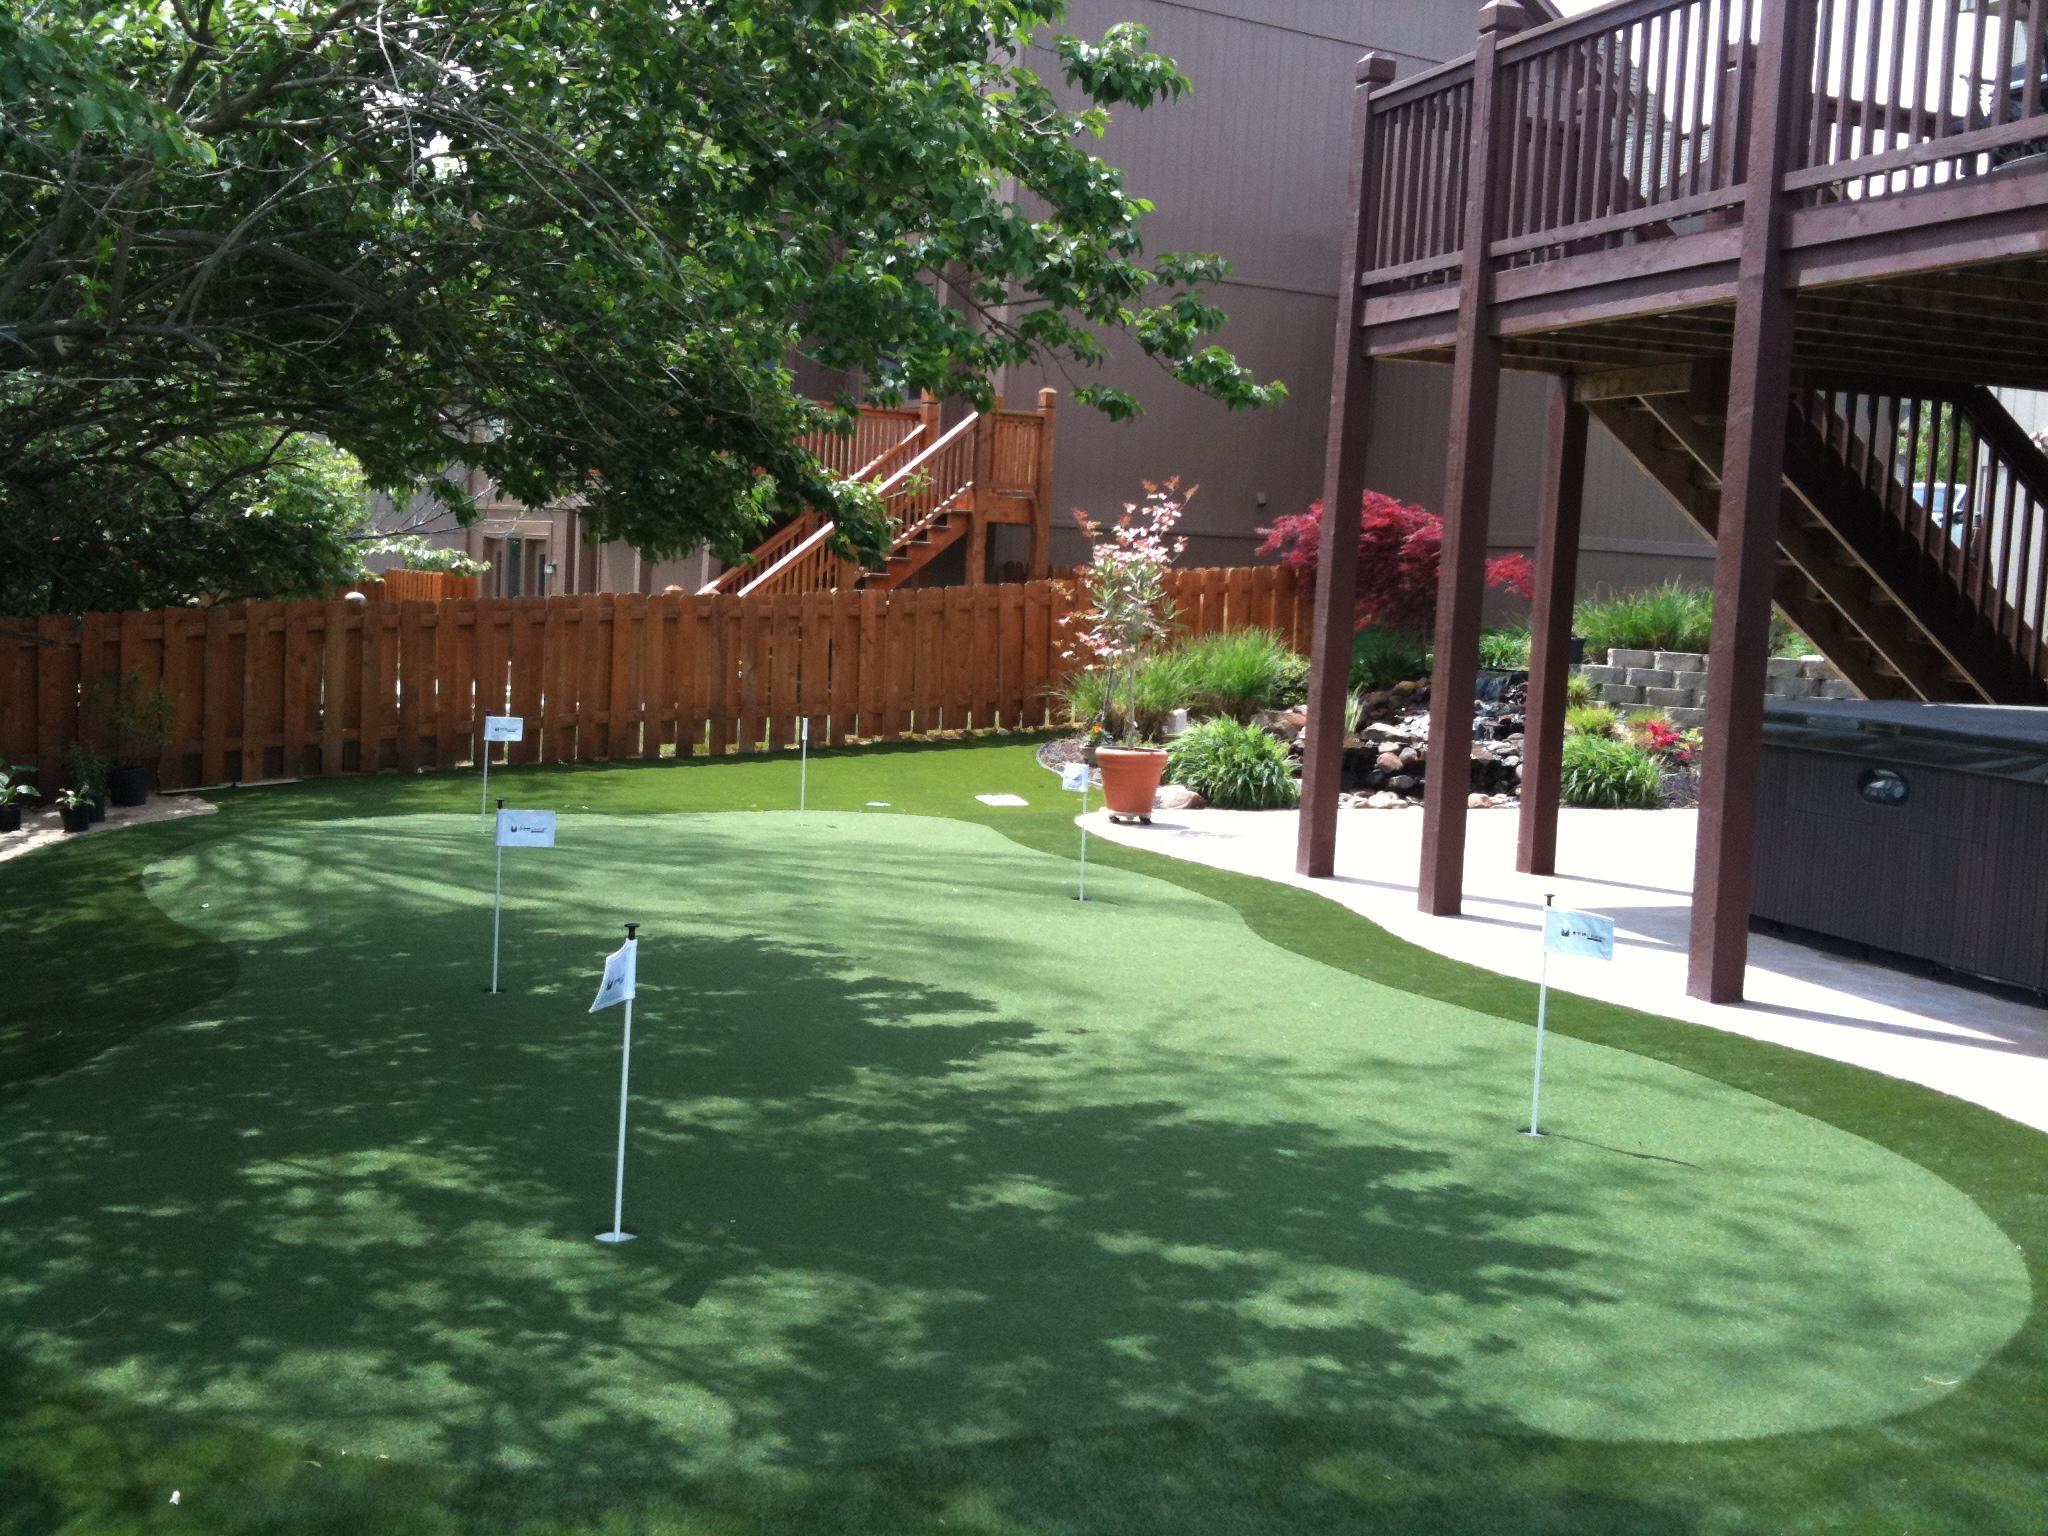 Backyard artificial turf putting green in St. Louis